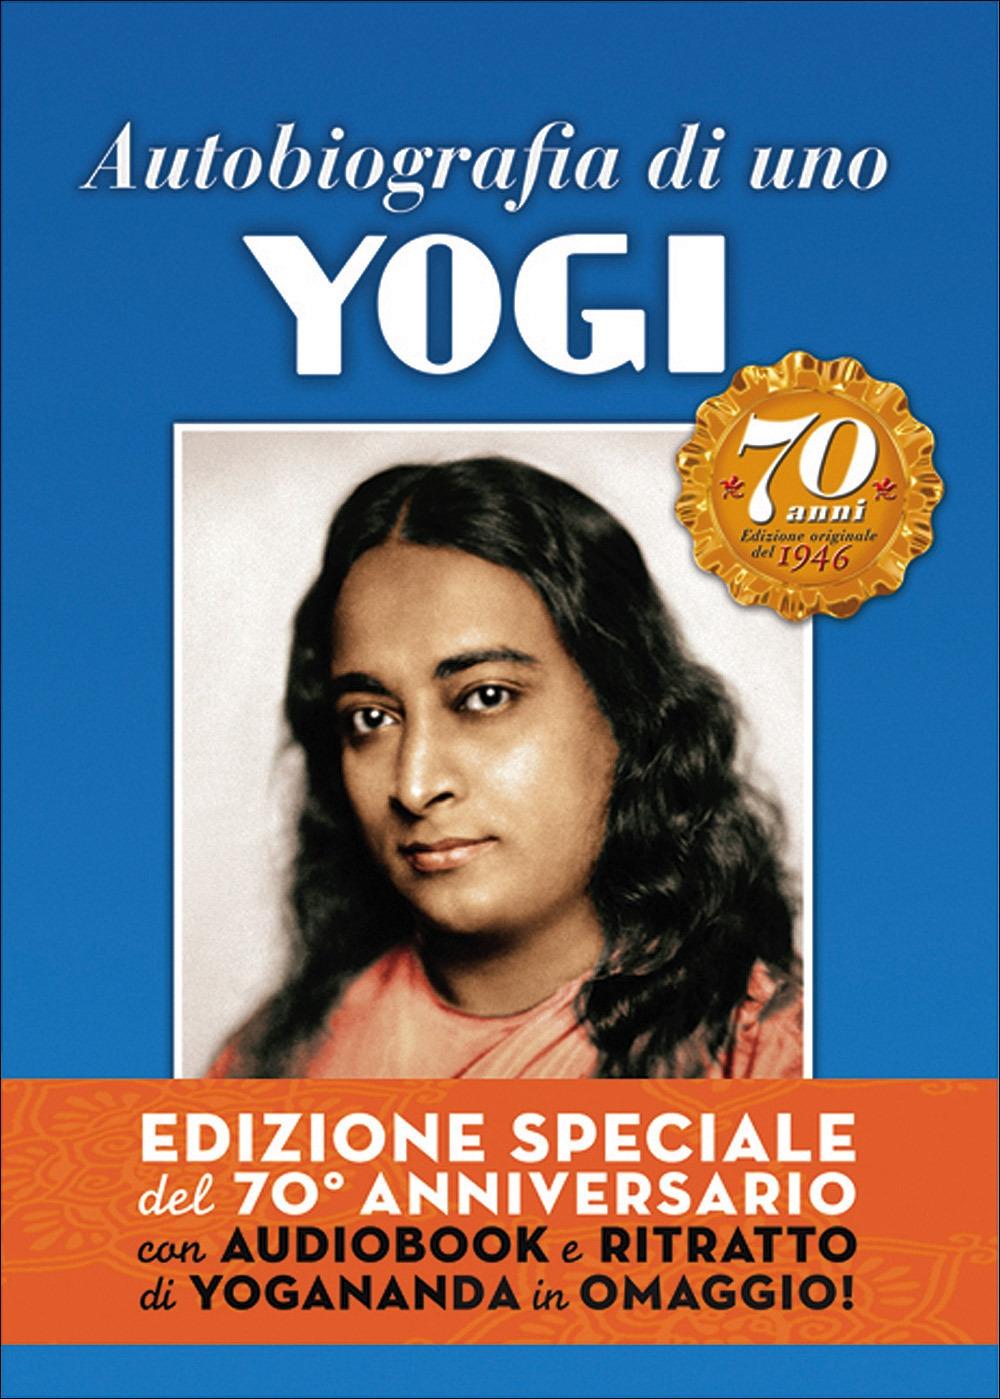 Autobiografia di uno yogi del 70° anniversario. Ediz. speciale. Con CD Audio